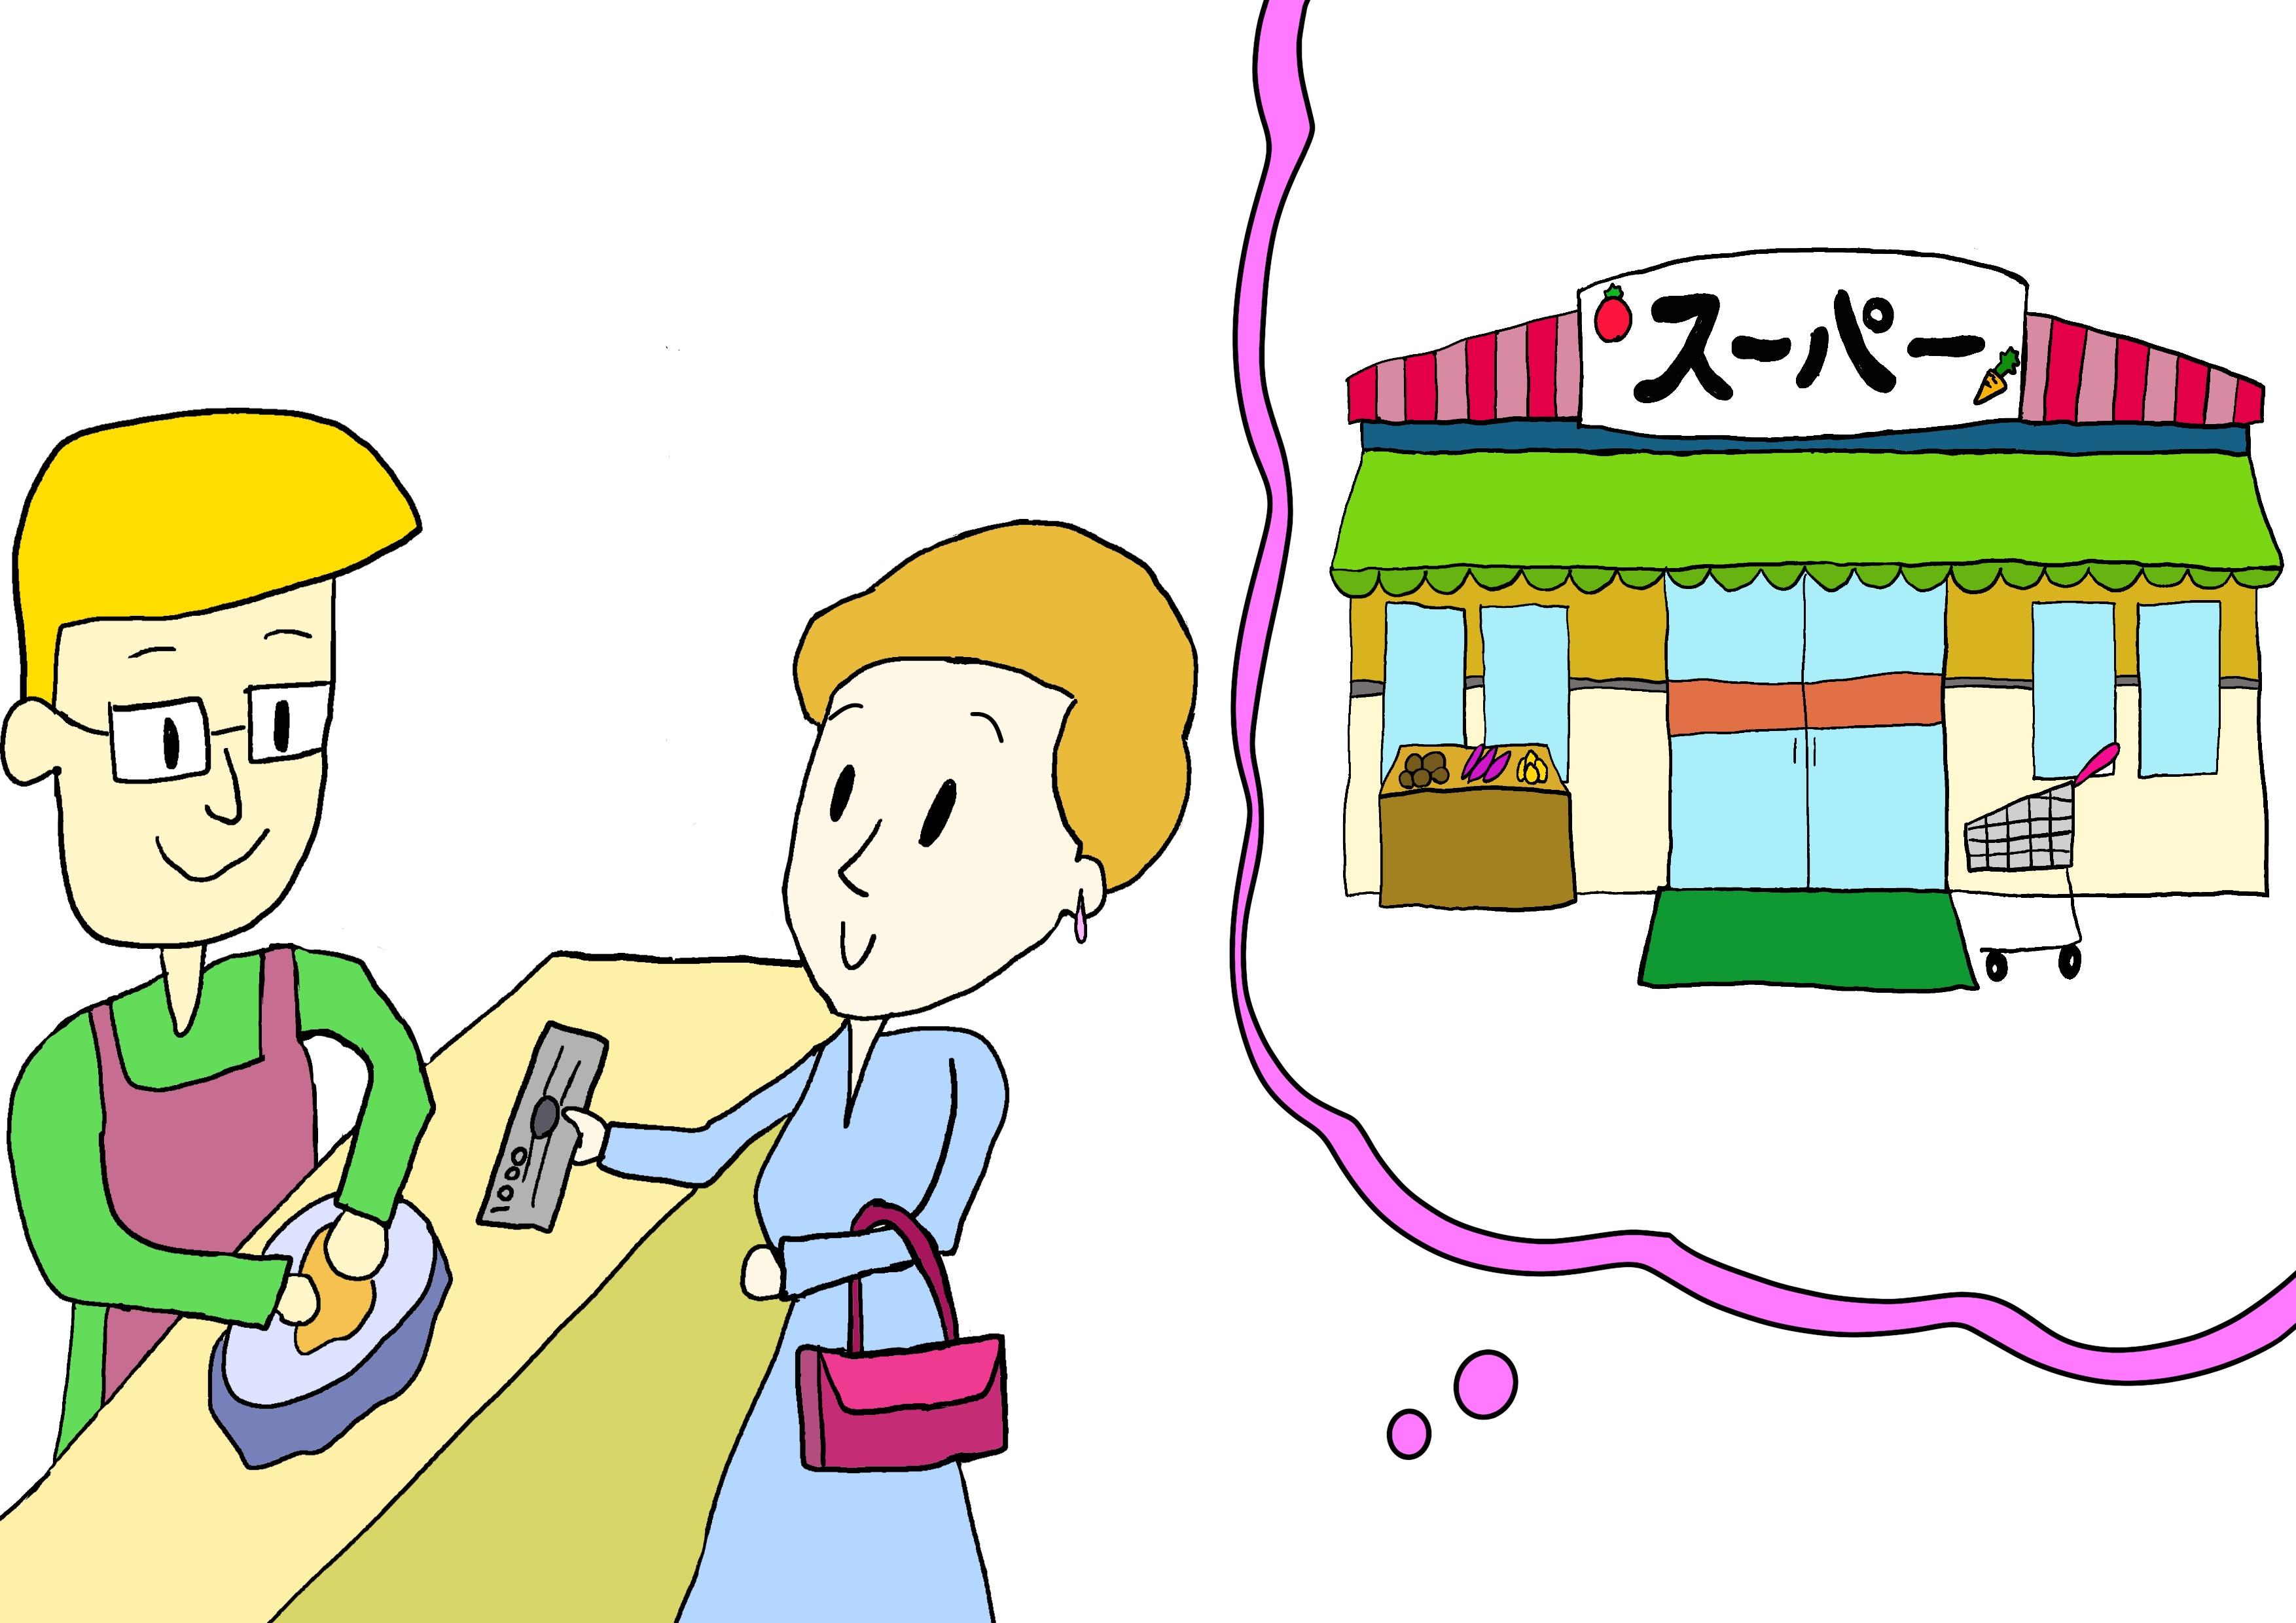 6課イラスト【スーパーで買う】